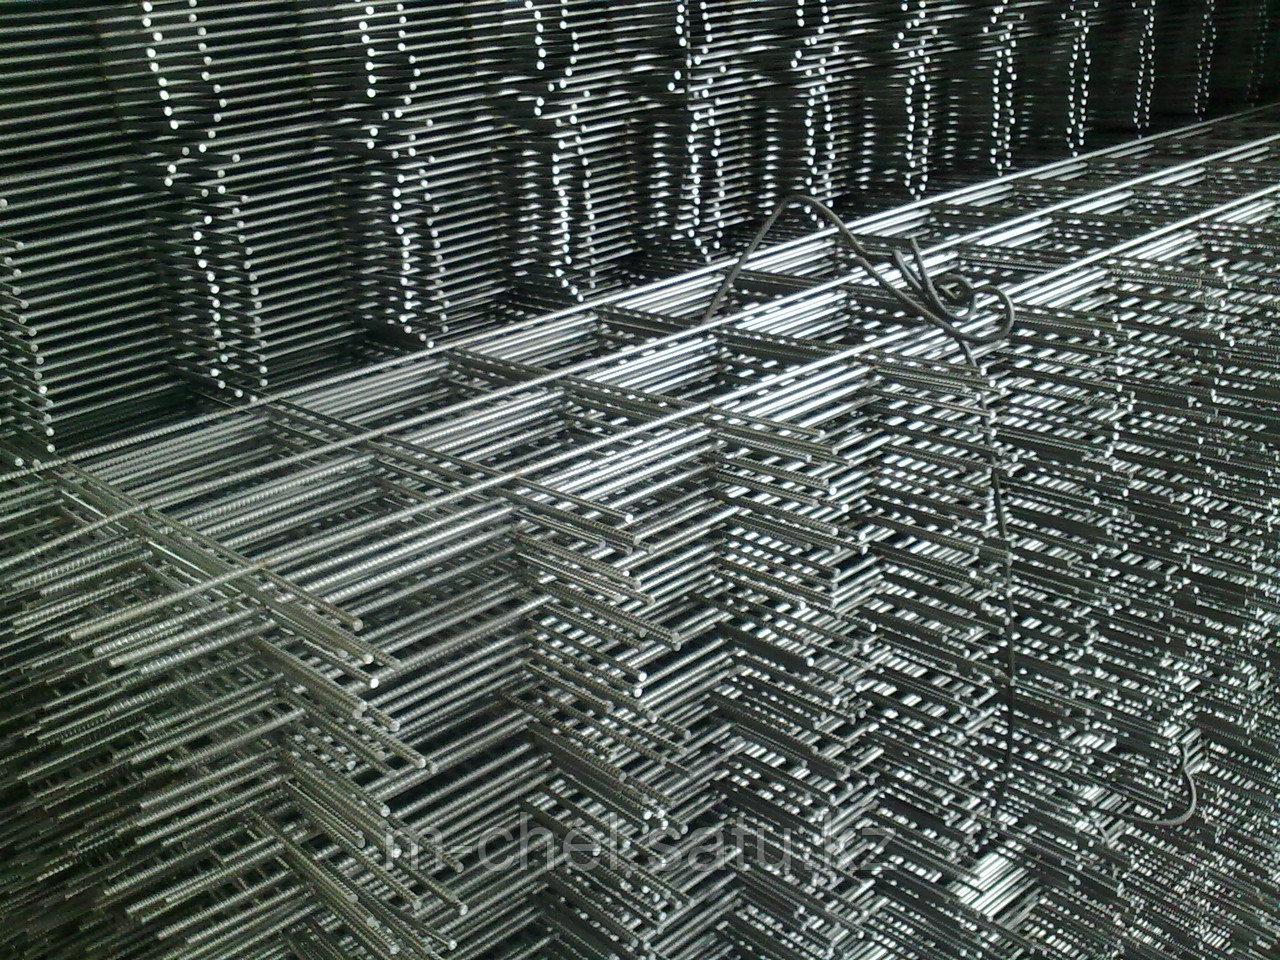 Сетка металлическая полипропиленовая 1.4 мм 12Х18Н10Т ГОСТ 5336-83 ОТМАТЫВАЕМ